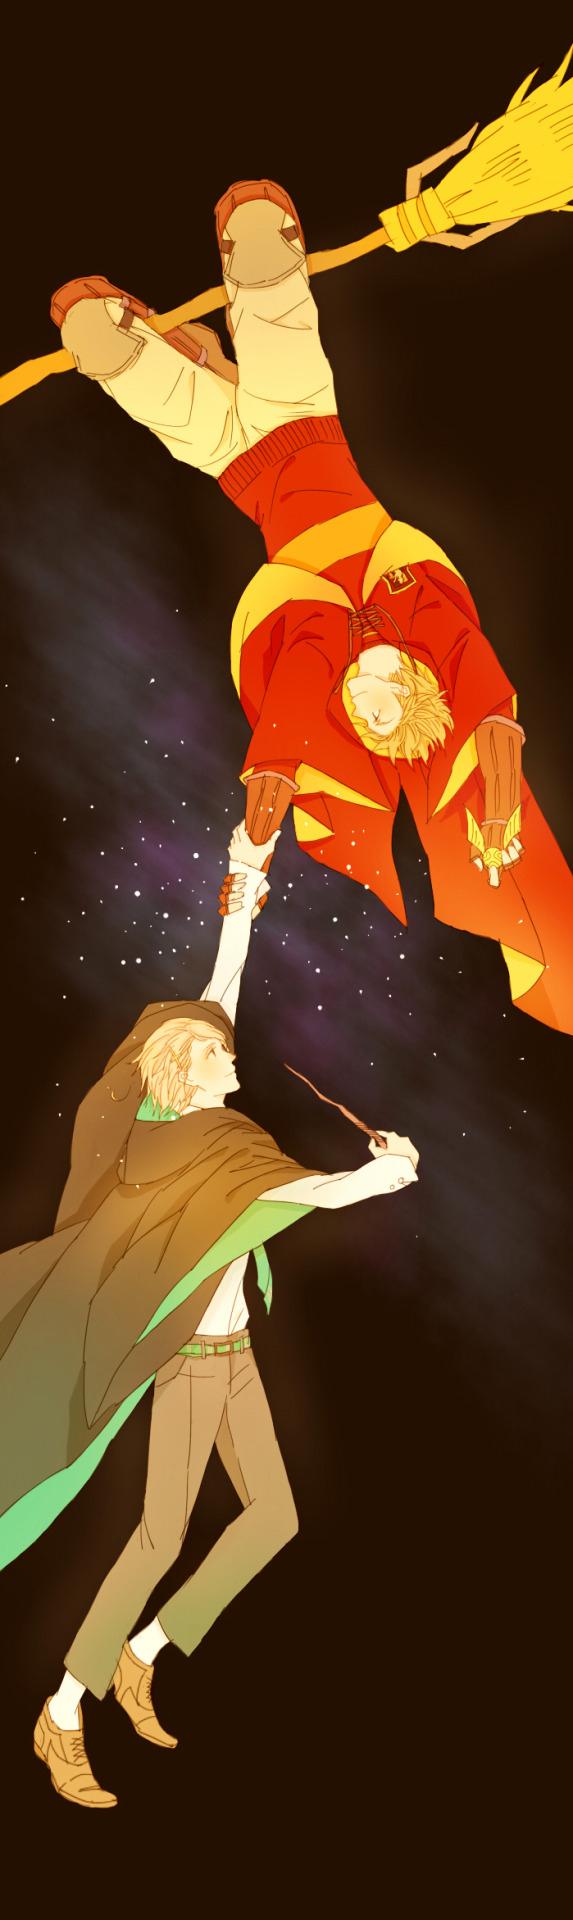 Hetalia (ヘタリア) & Harry Potter crossover - Denmark x Norway (DenNor) (デンノル)